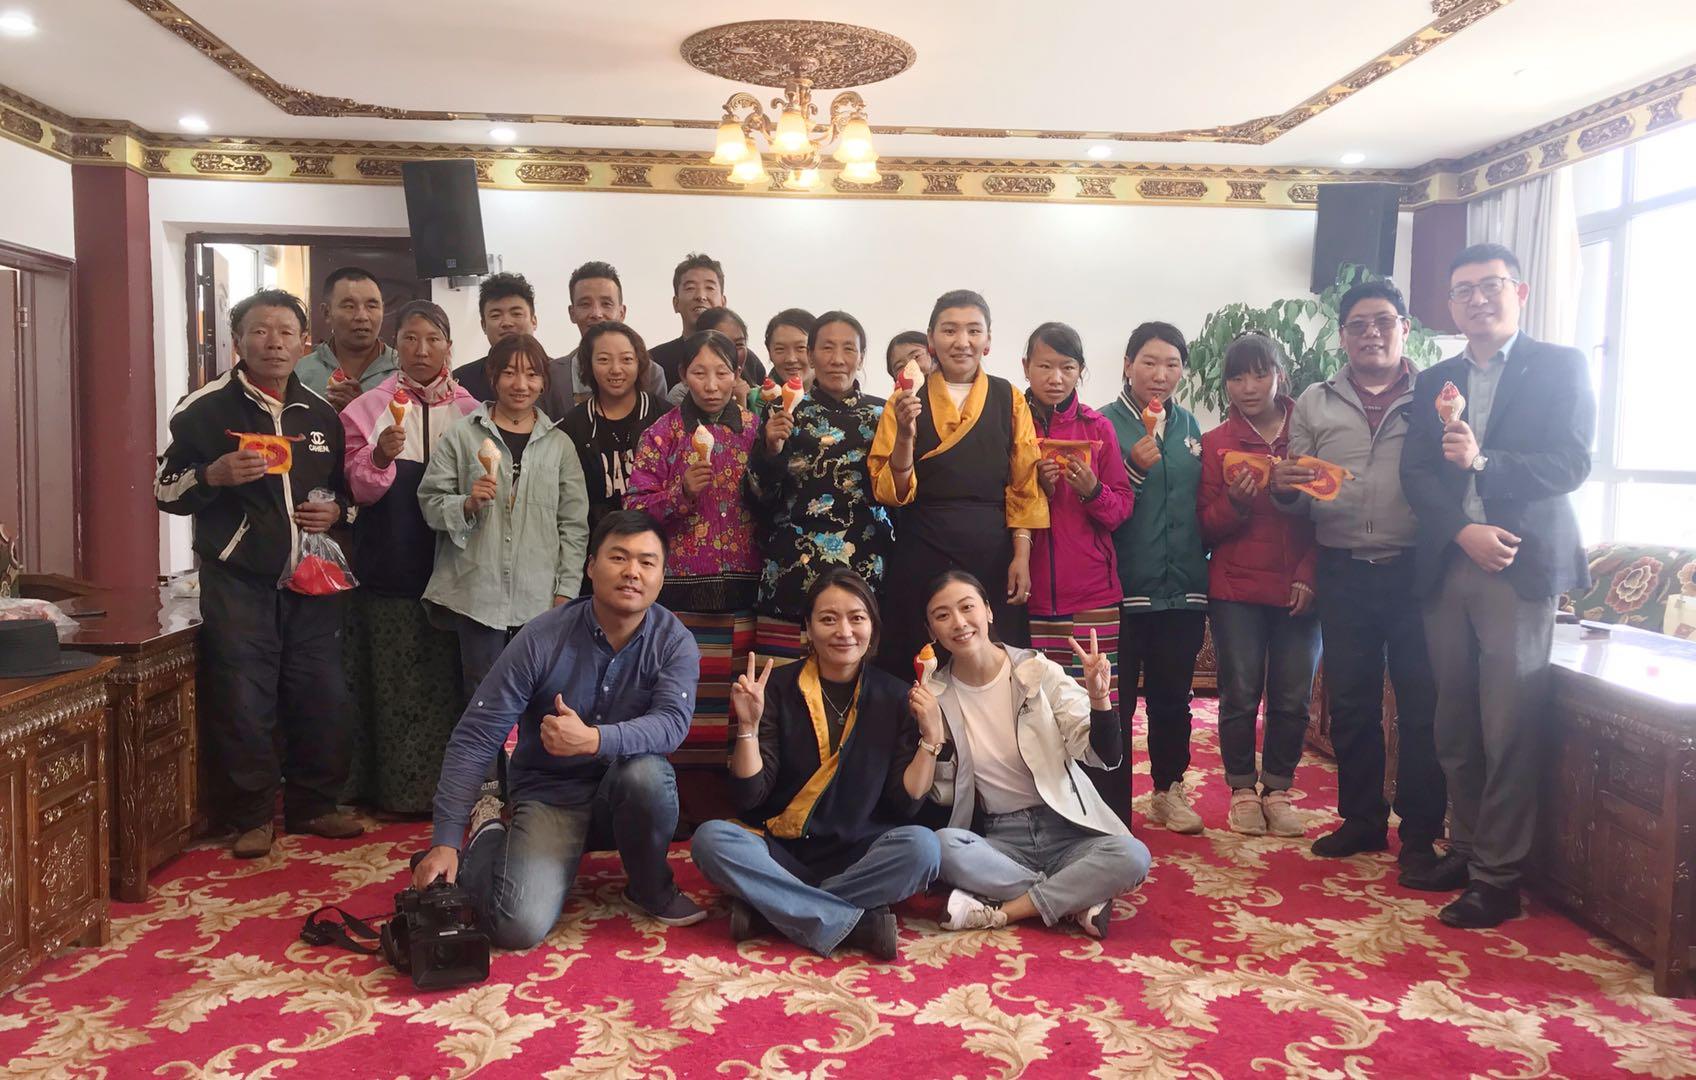 徐全军(二排右一)和西藏农牧民合影